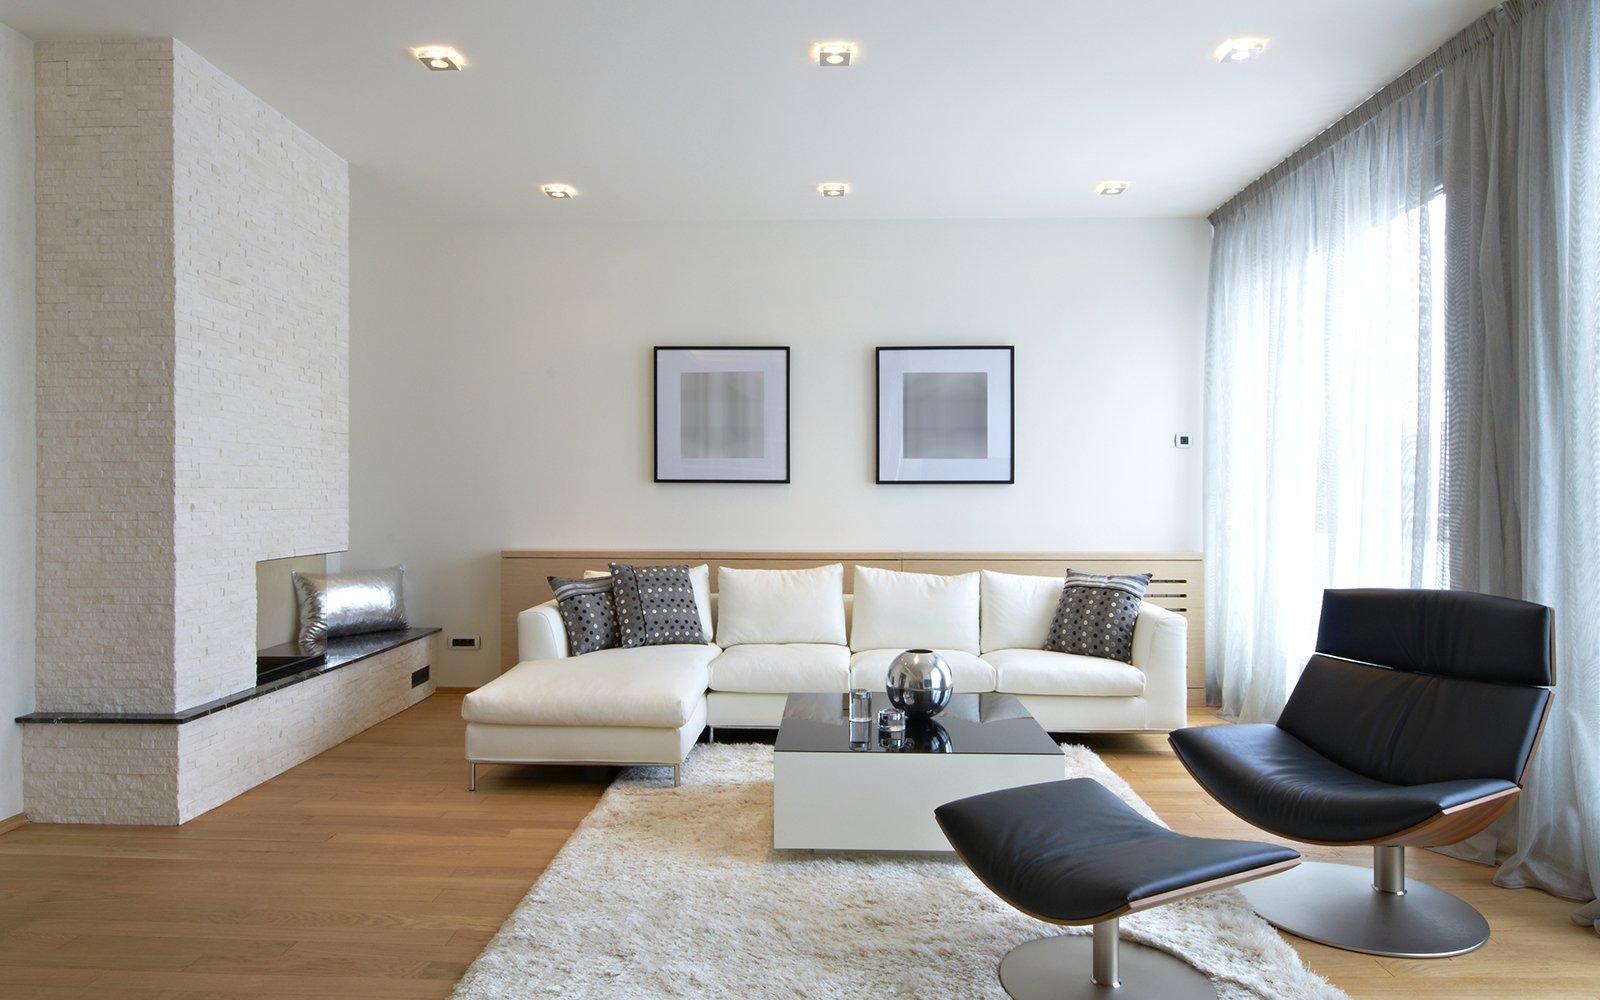 un divano angolare di color bianco e una poltrona di color nero